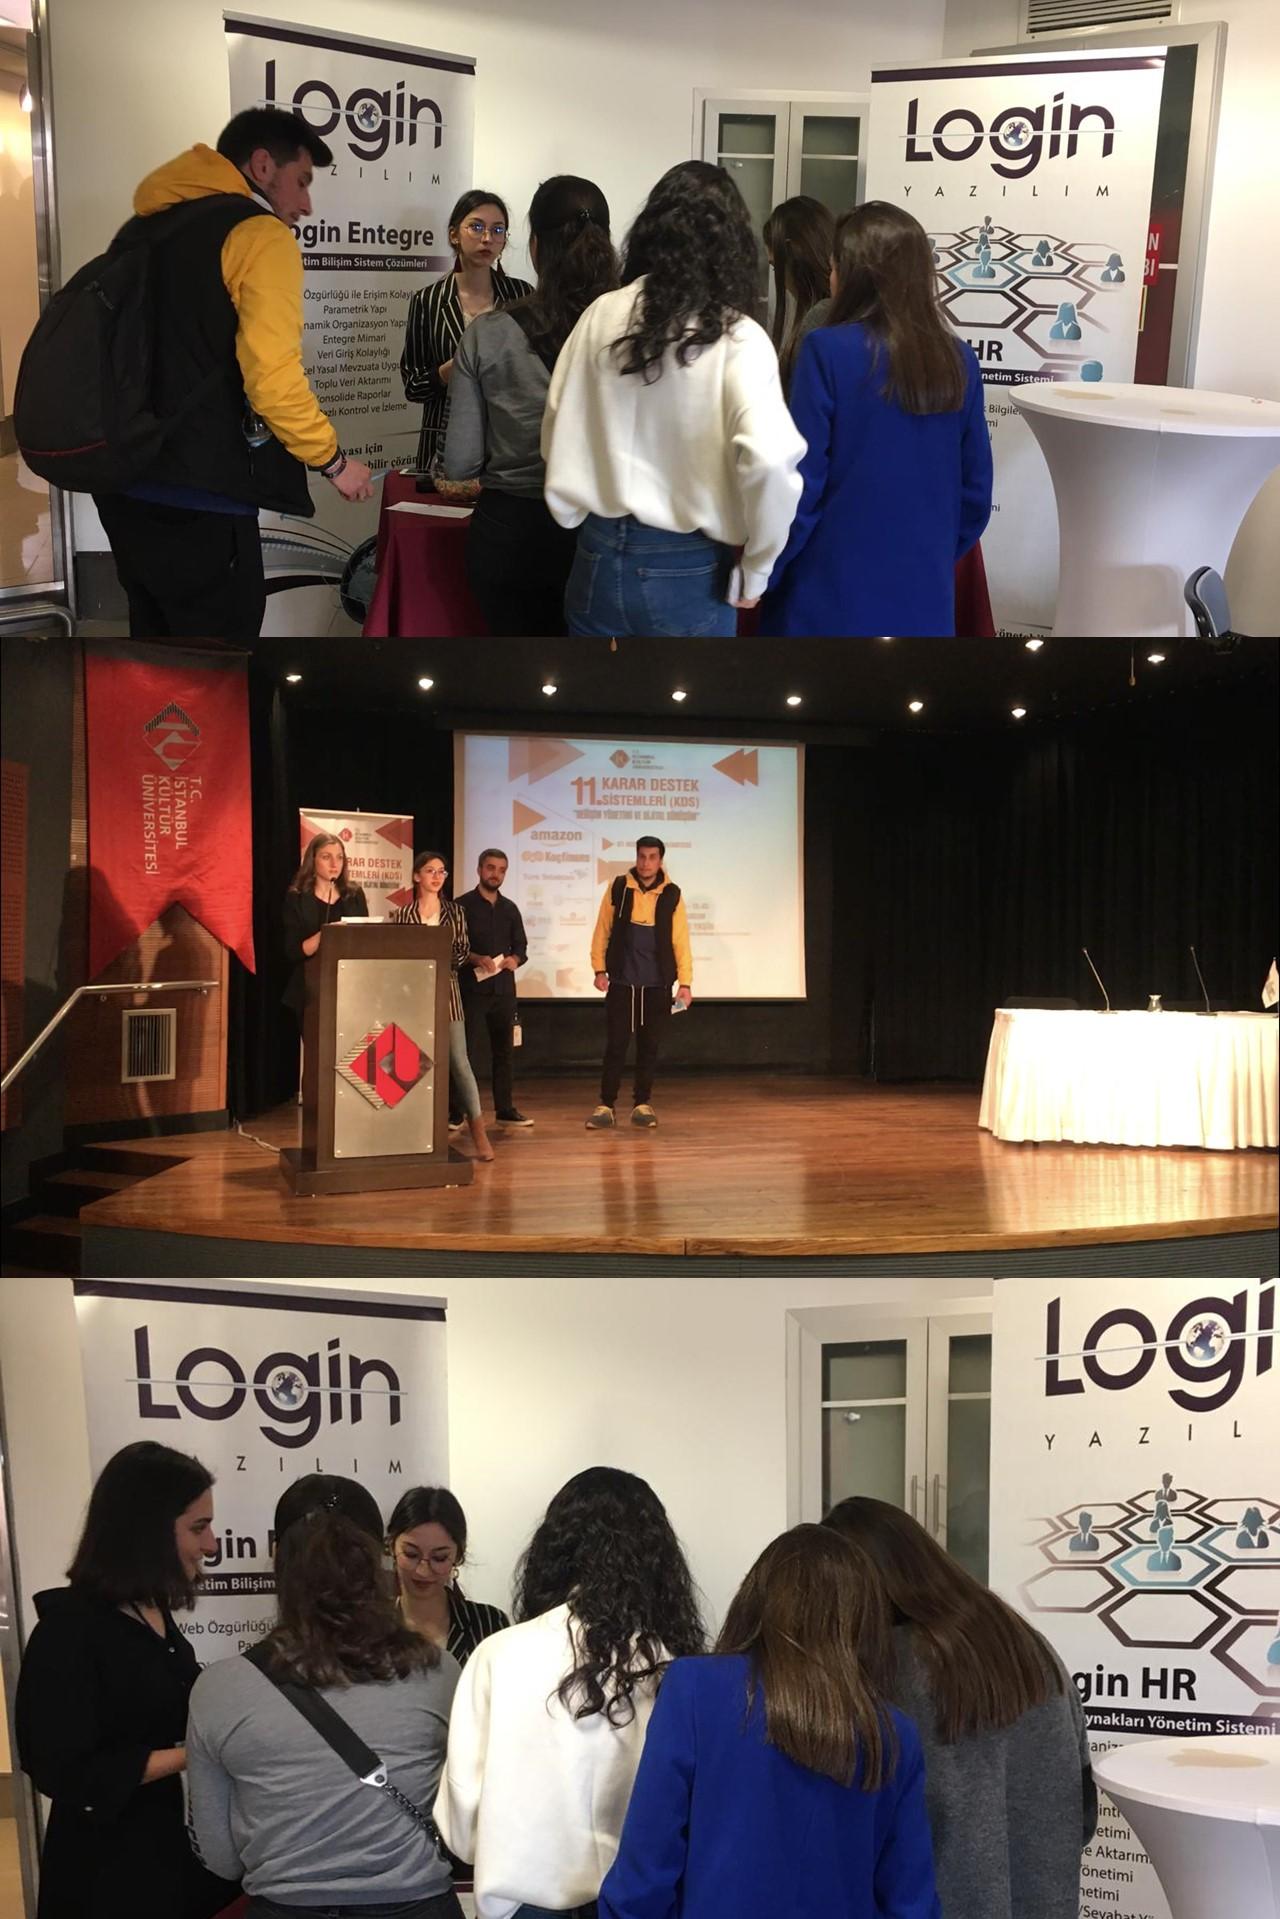 Login Yazılım İstanbul Kültür Üniversitesi 11. Karar Destek Sistemleri Etkinliğindeydi